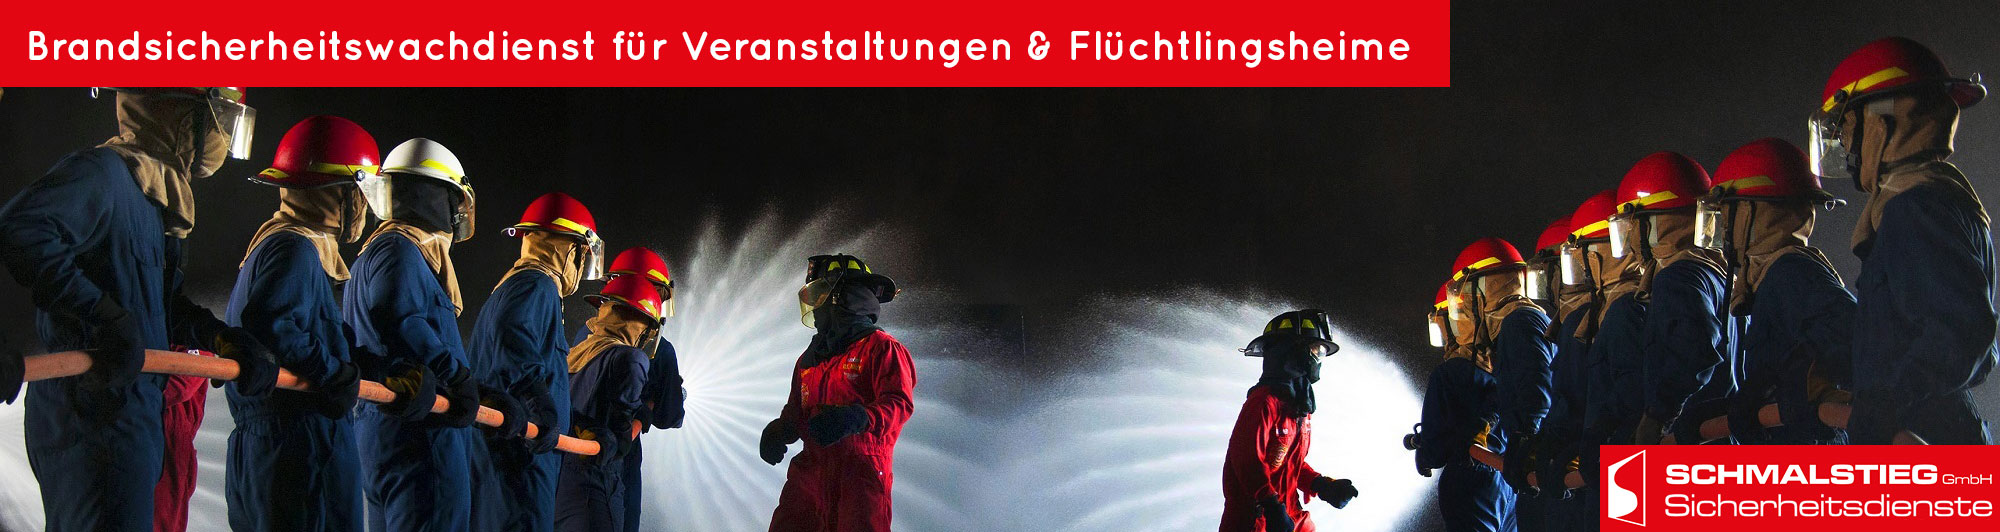 Sicherheitsdienst Hannover - Brandsicherheitswachdienst